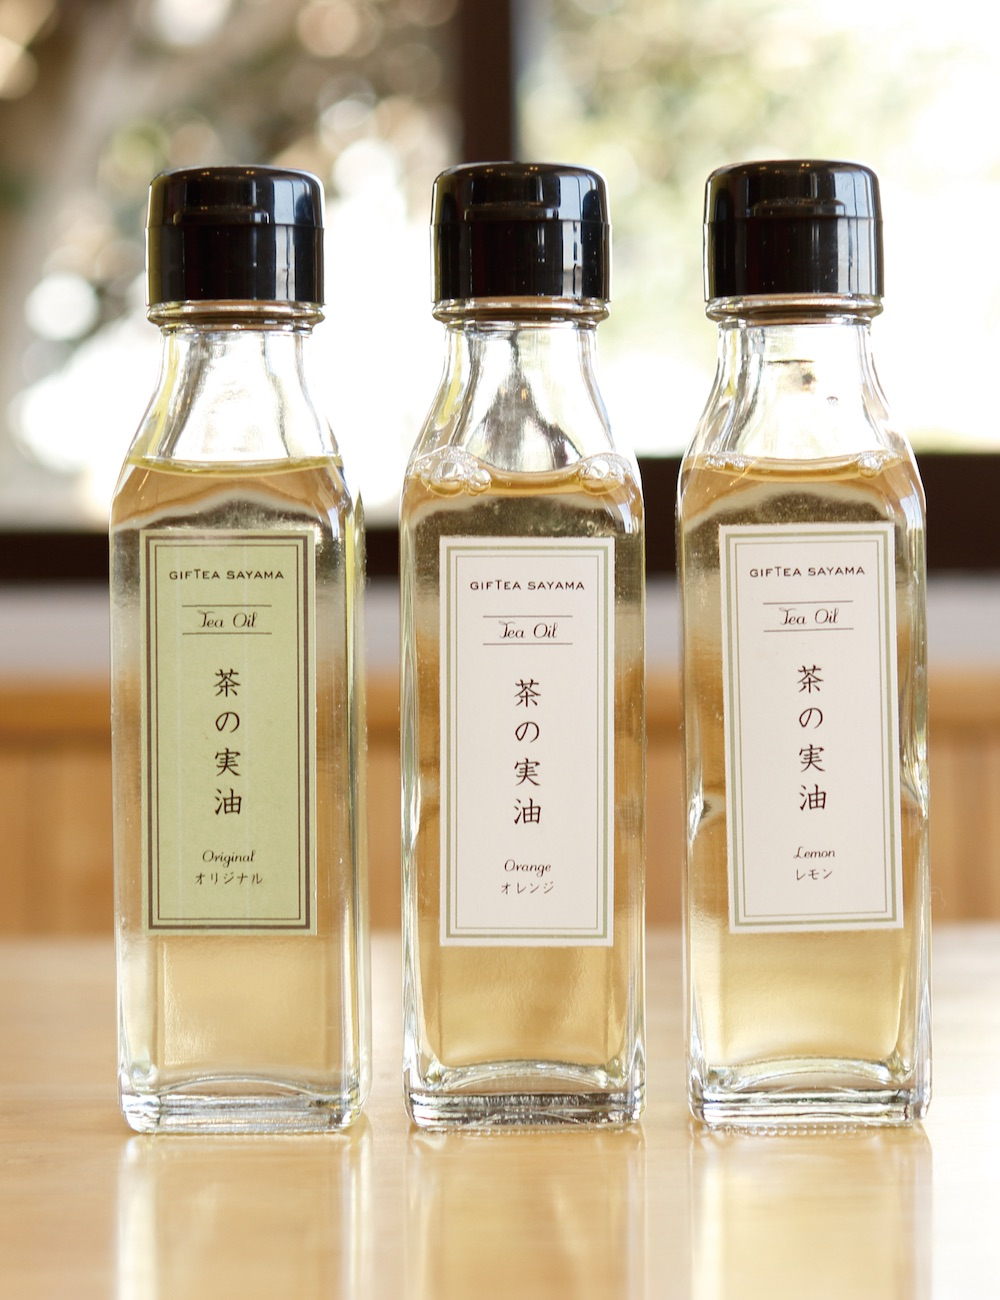 從茶樹採取的果實萃取而成的茶油可以用來 保養肌膚。